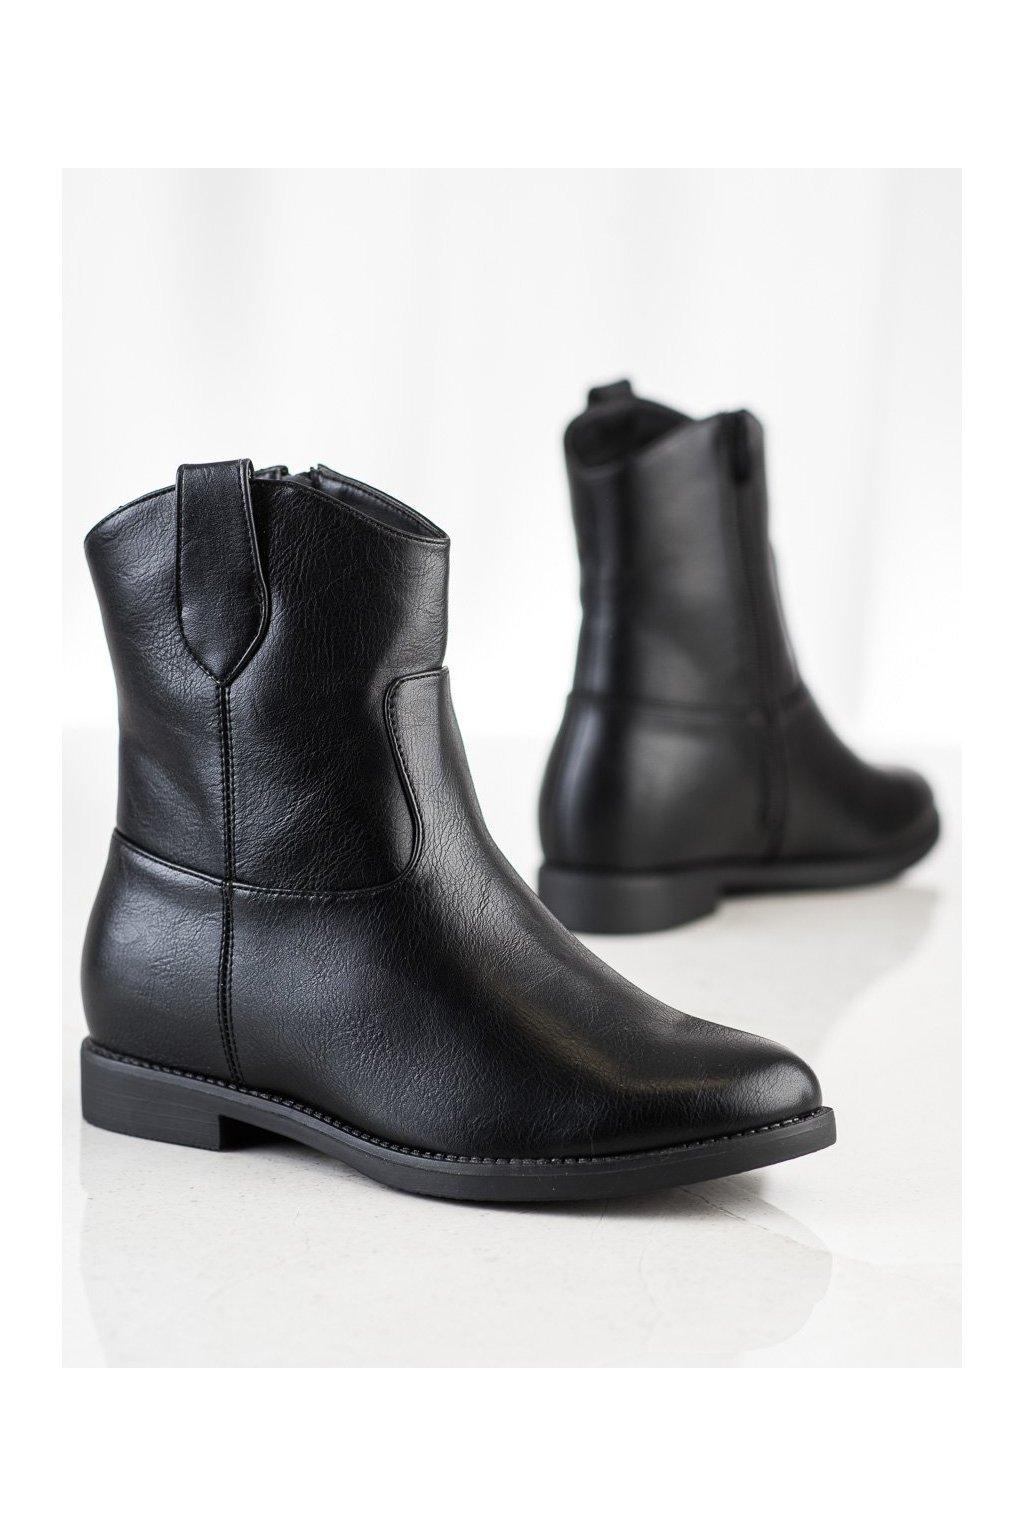 Čierne dámske topánky NJSK A8302B